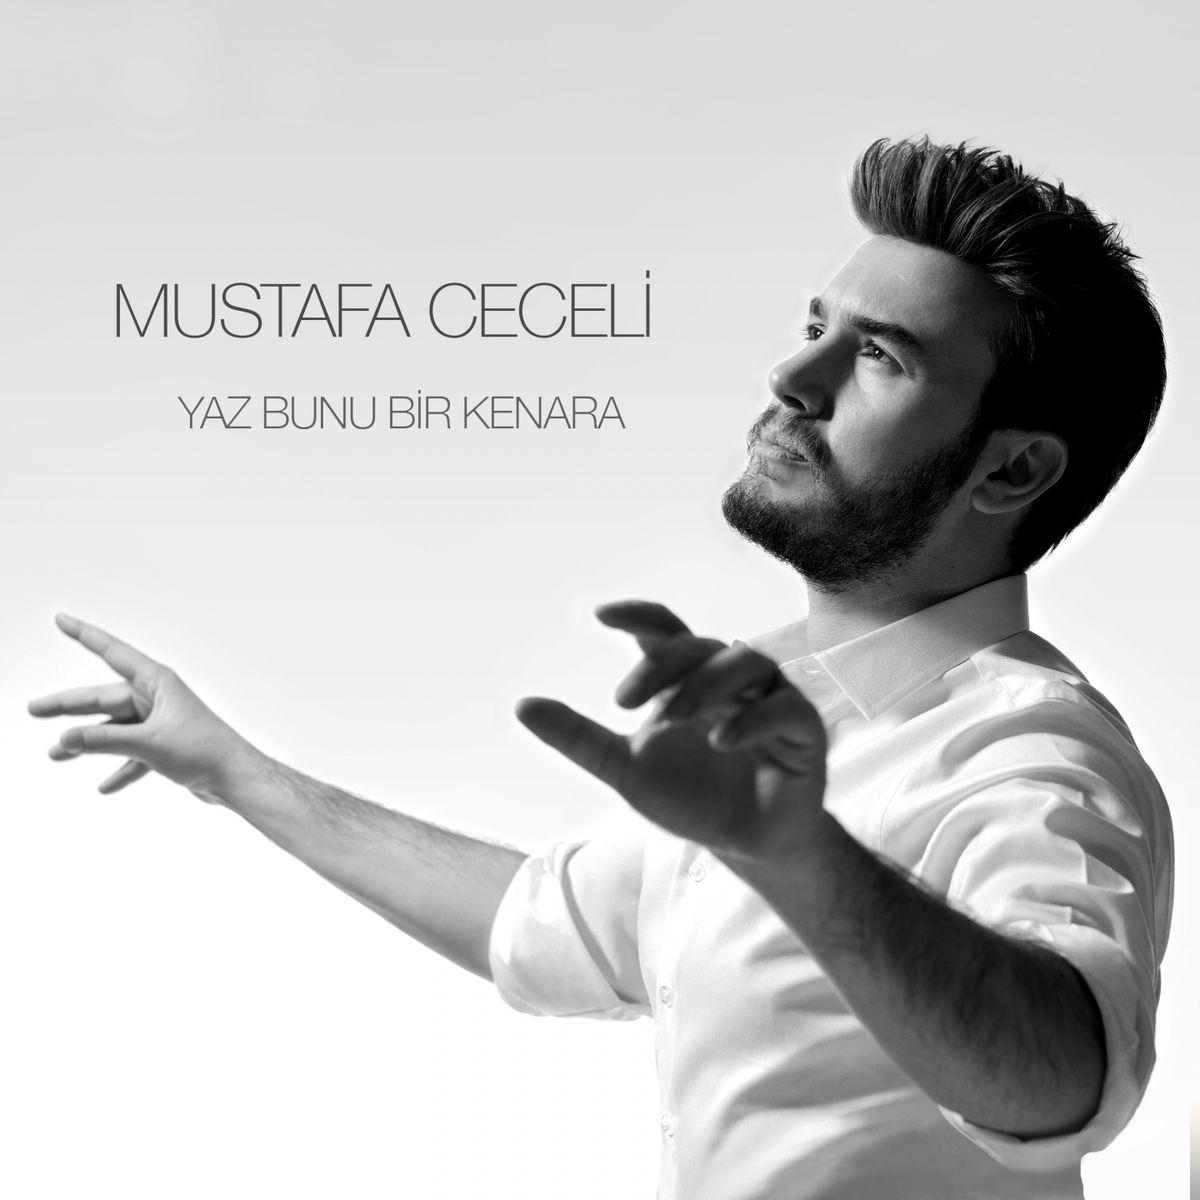 Mustafa Ceceli Yaz Bunu Bir Kenara Mp3 Indir Yaz Bunu Bir Kenara Muzik Indir Dinle